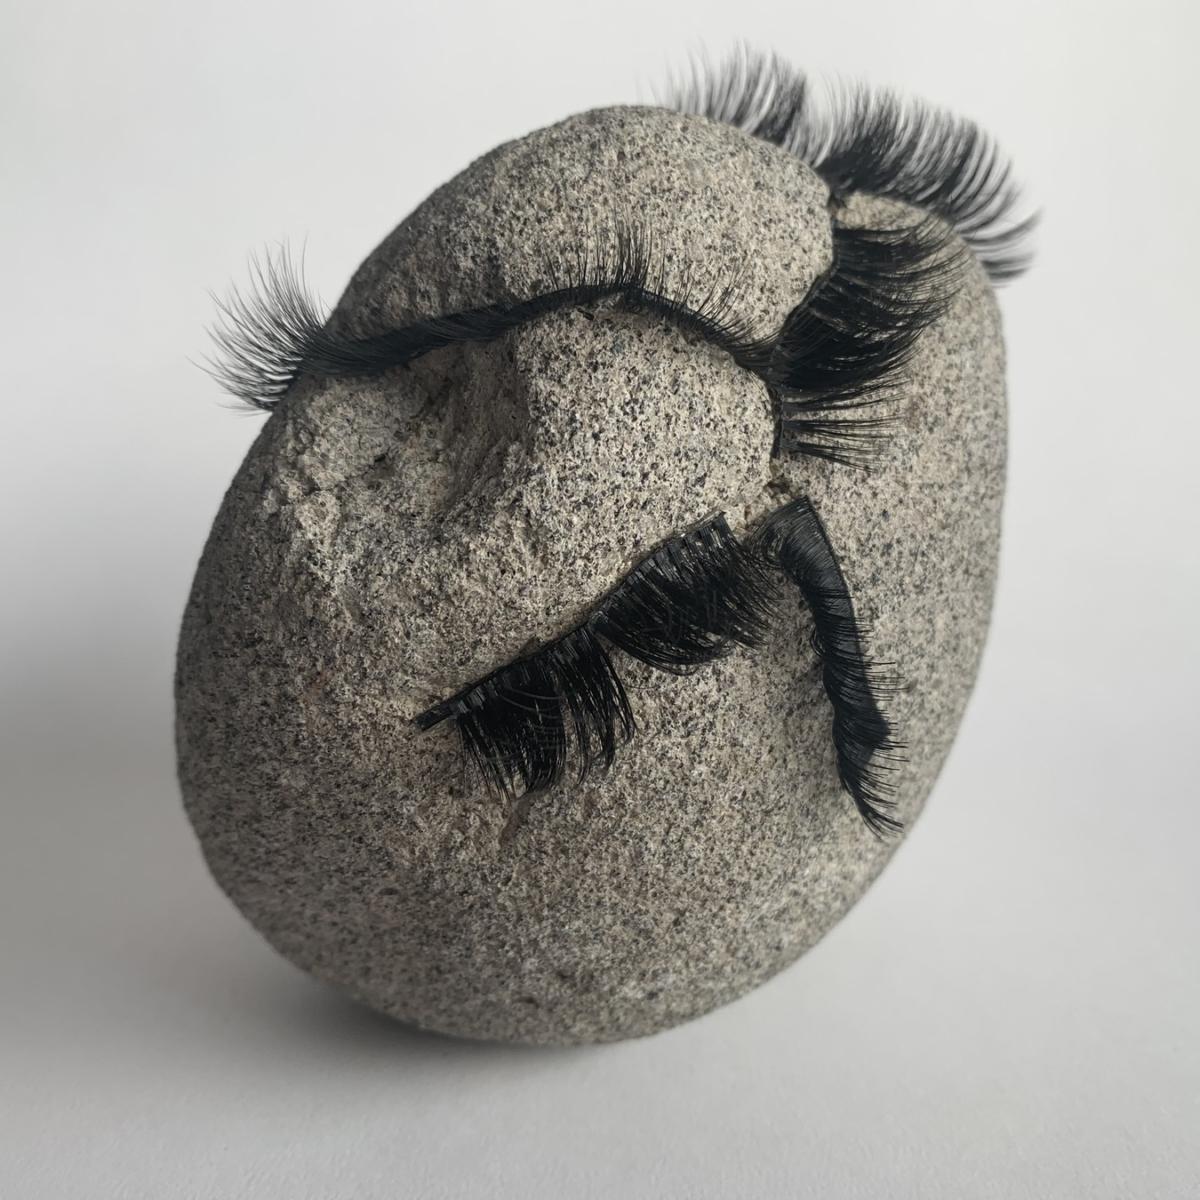 Stones with eyelashes